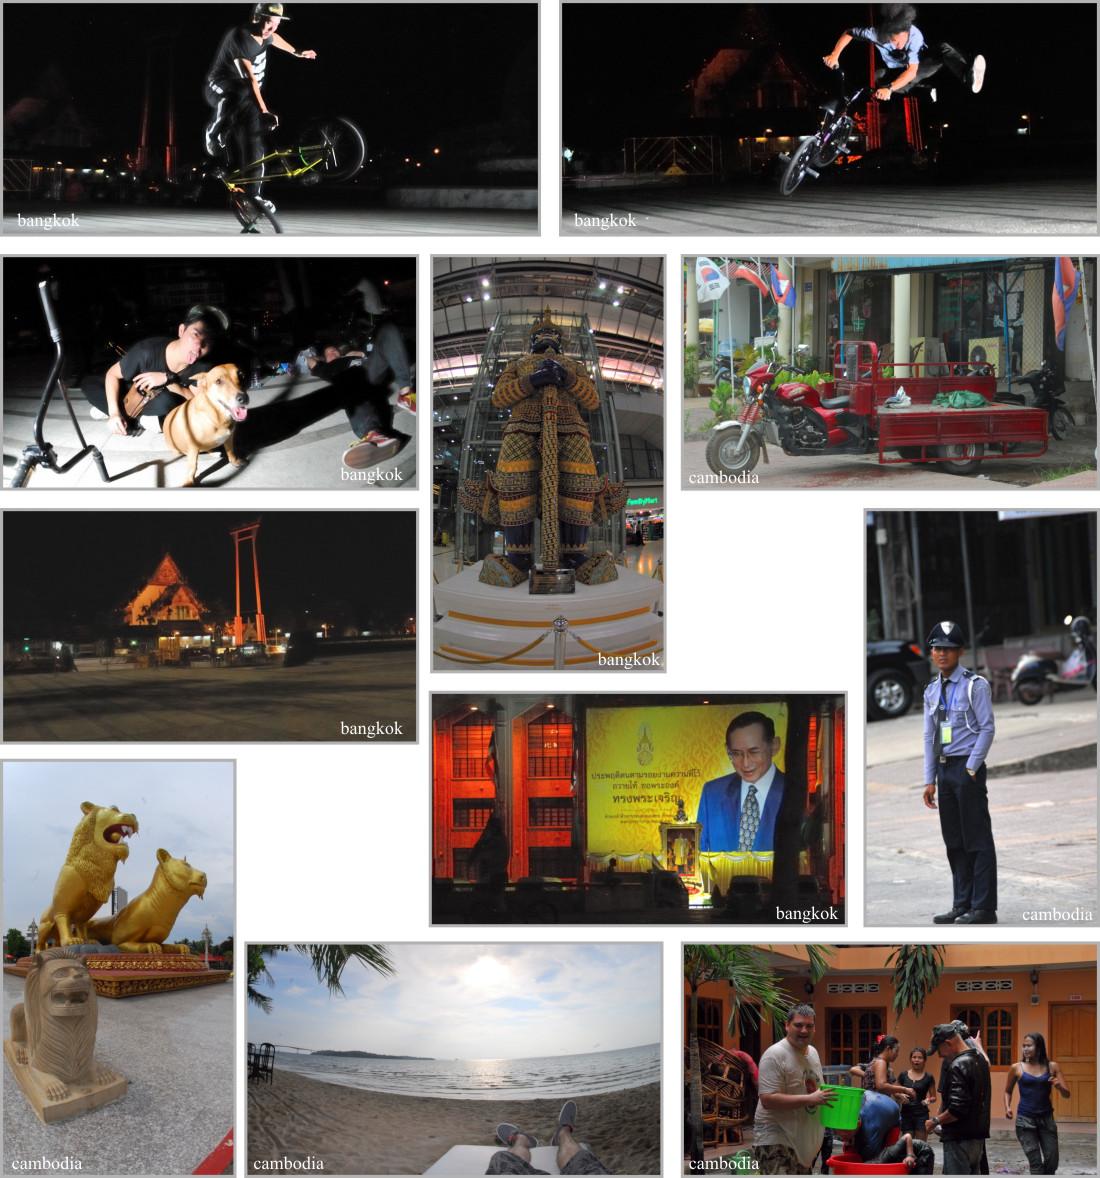 Collection of random pics - Bangkok and Cambodia